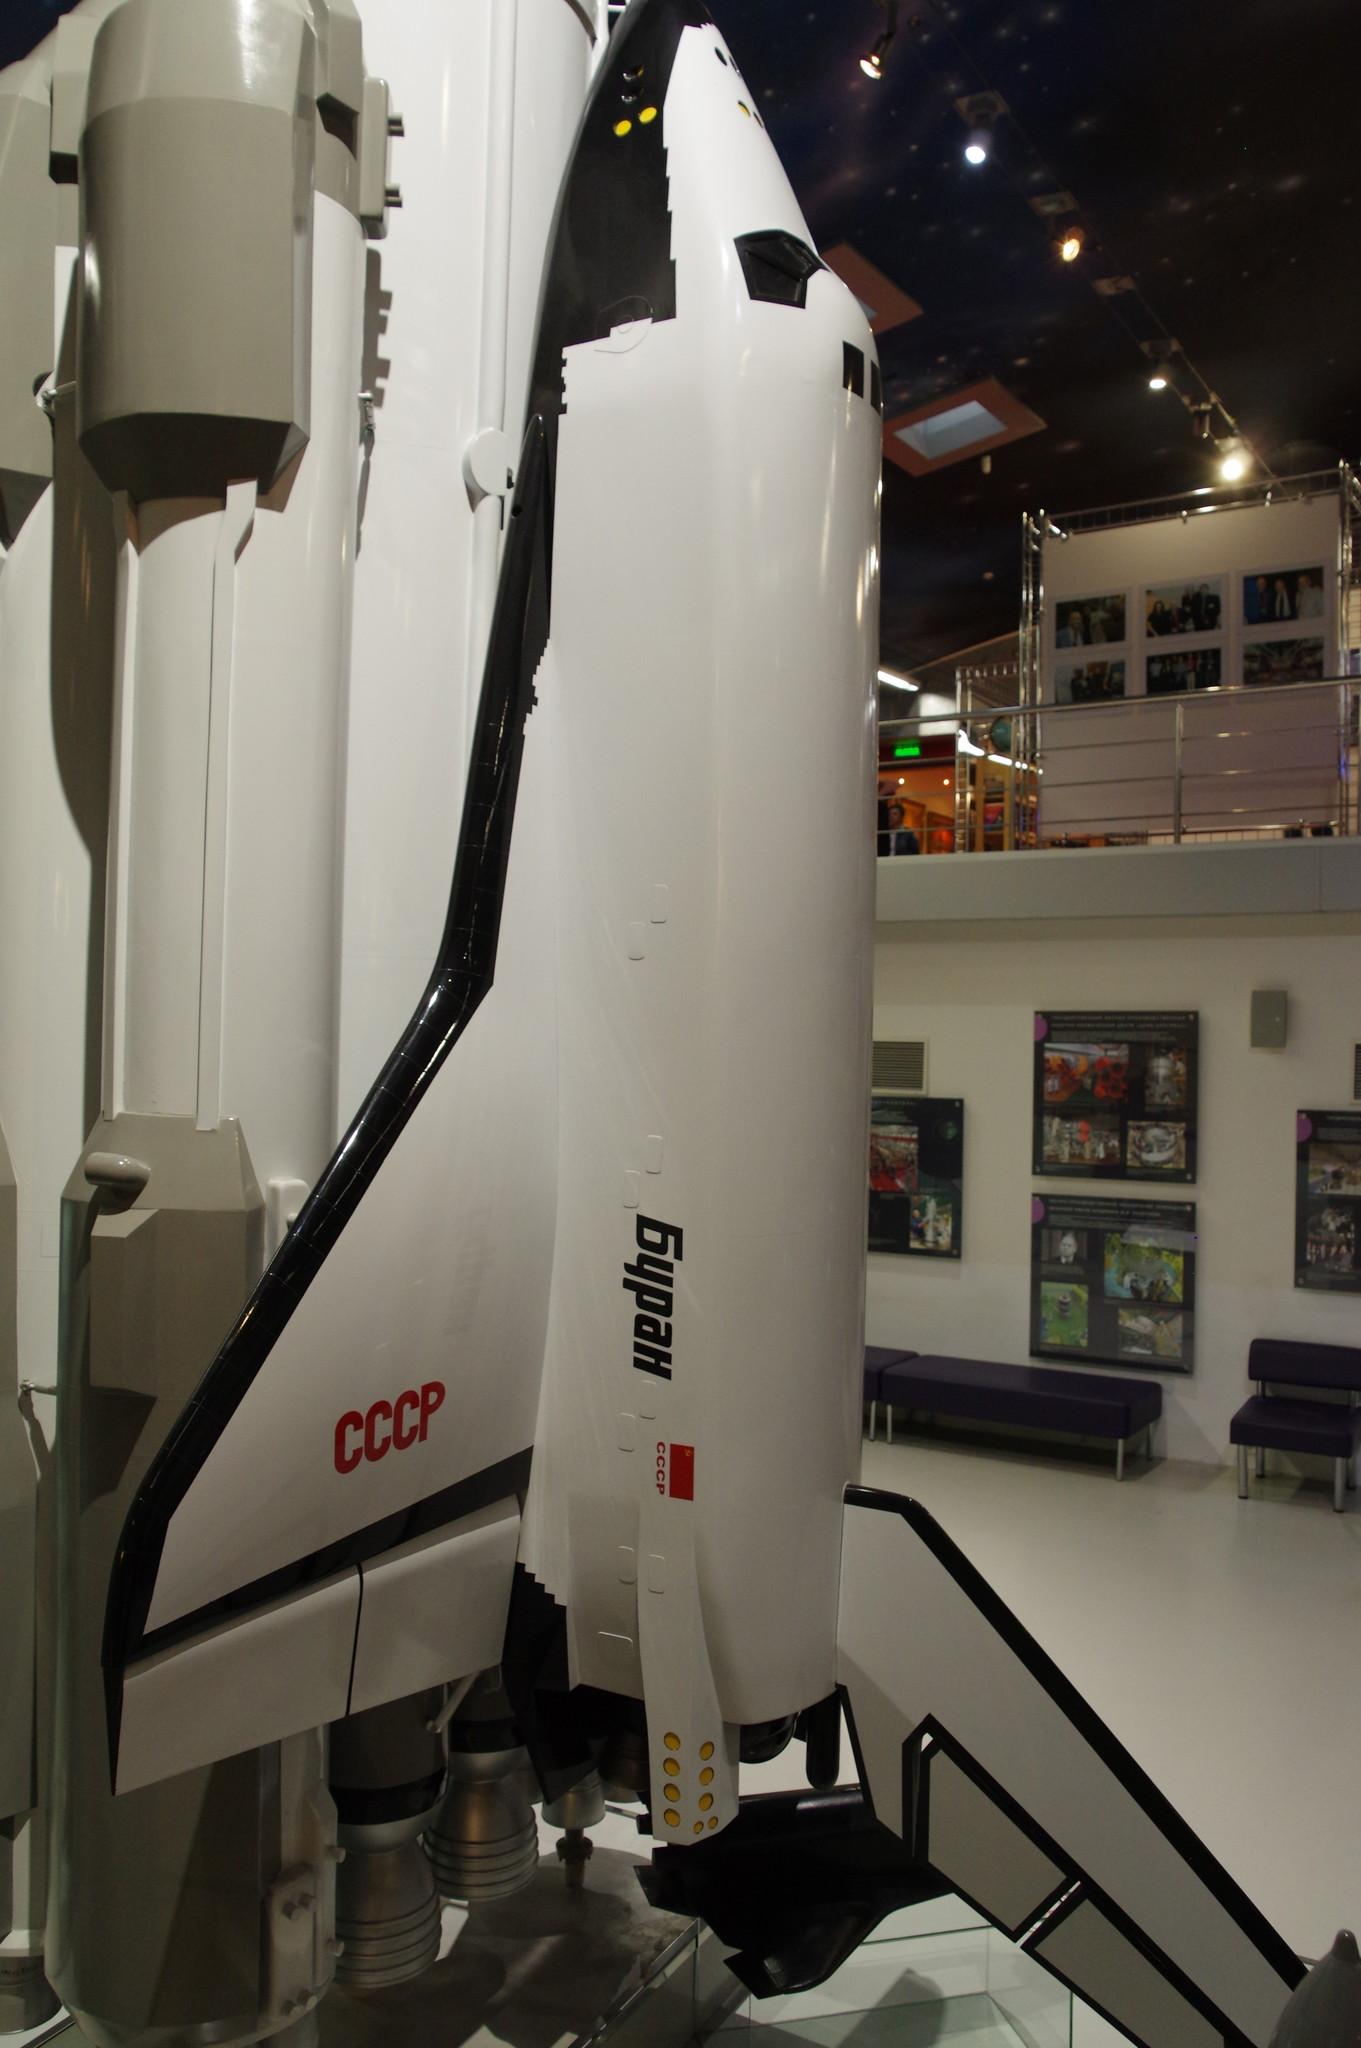 Универсальная ракетно-космическая транспортная система «Энергия-Буран». Мемориальный музей космонавтики (Проспект мира, дом 111)